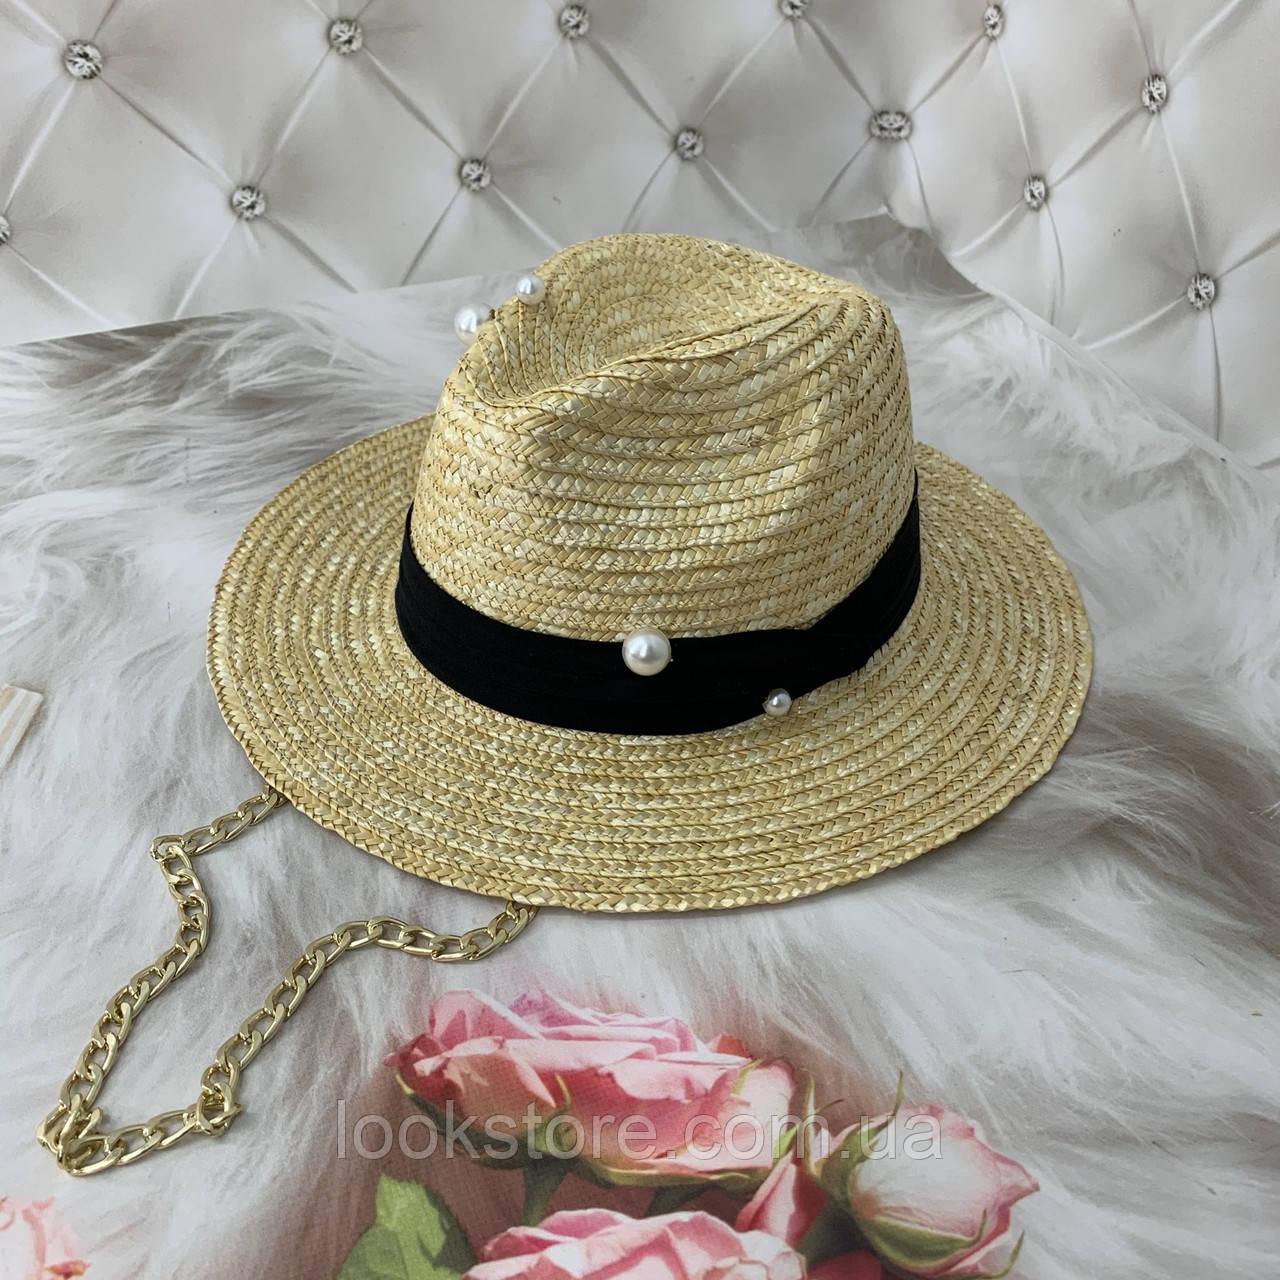 Женская соломенная летняя шляпа Федора с цепочкой Pin Pearls